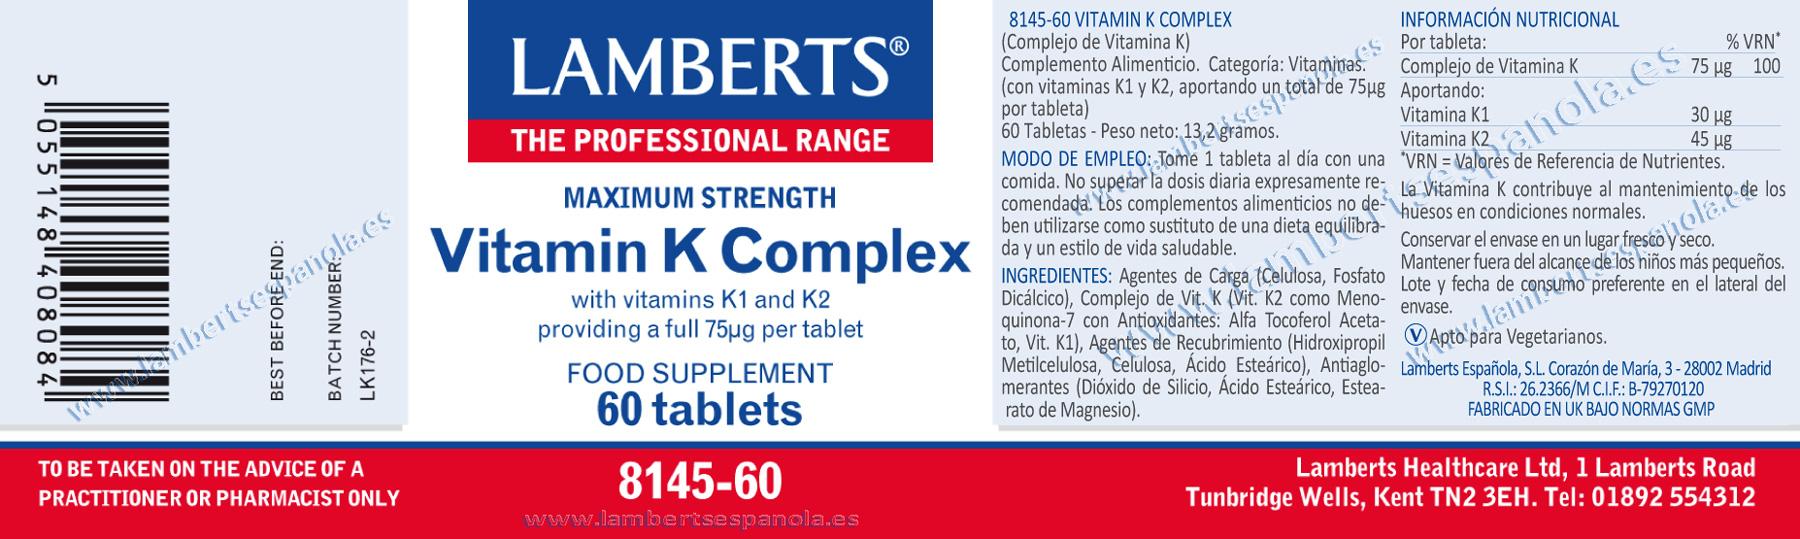 Vitamina K Complex de Lamberts